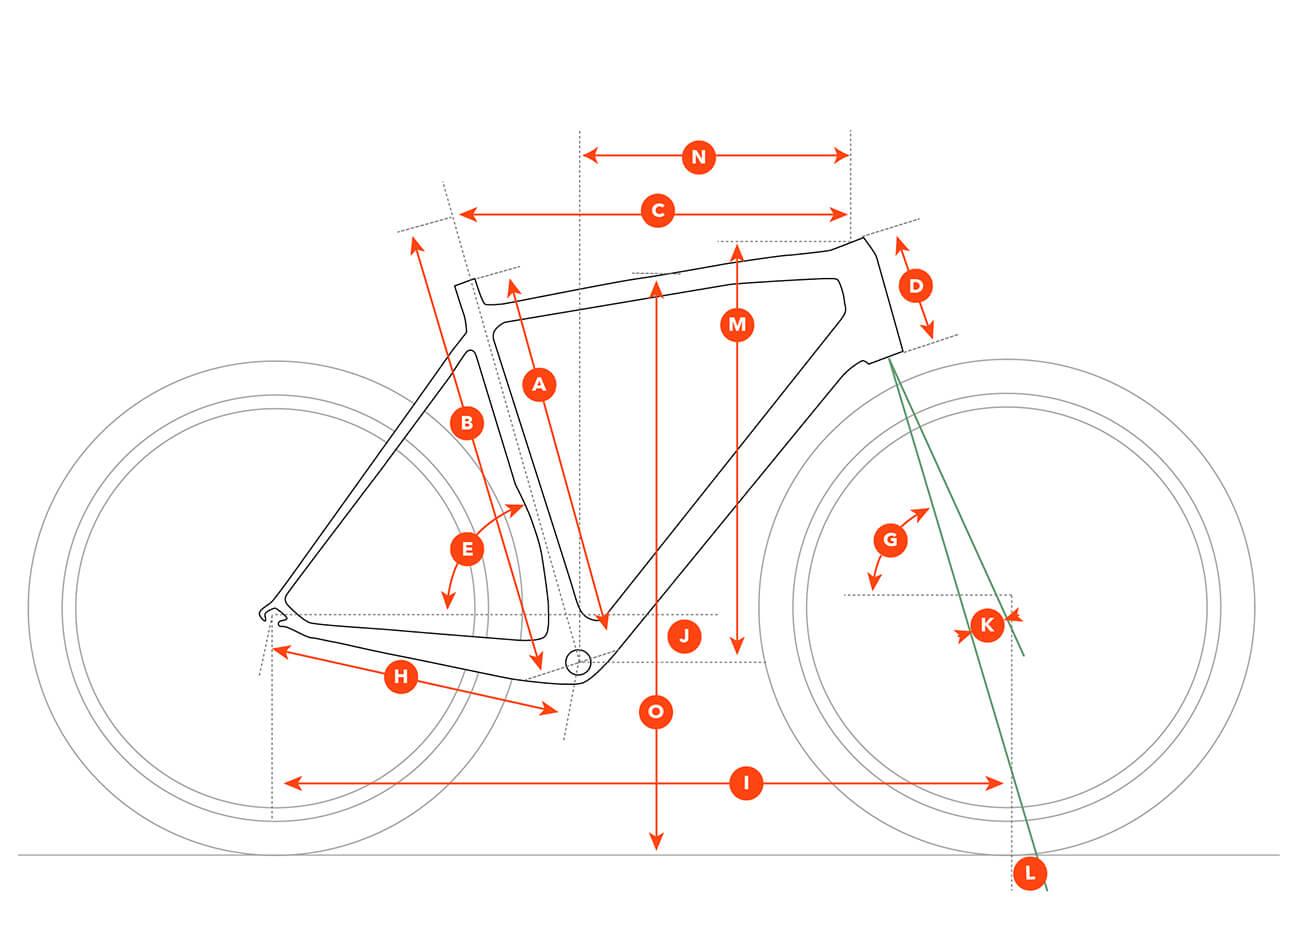 ter-x-geo.jpg diagram